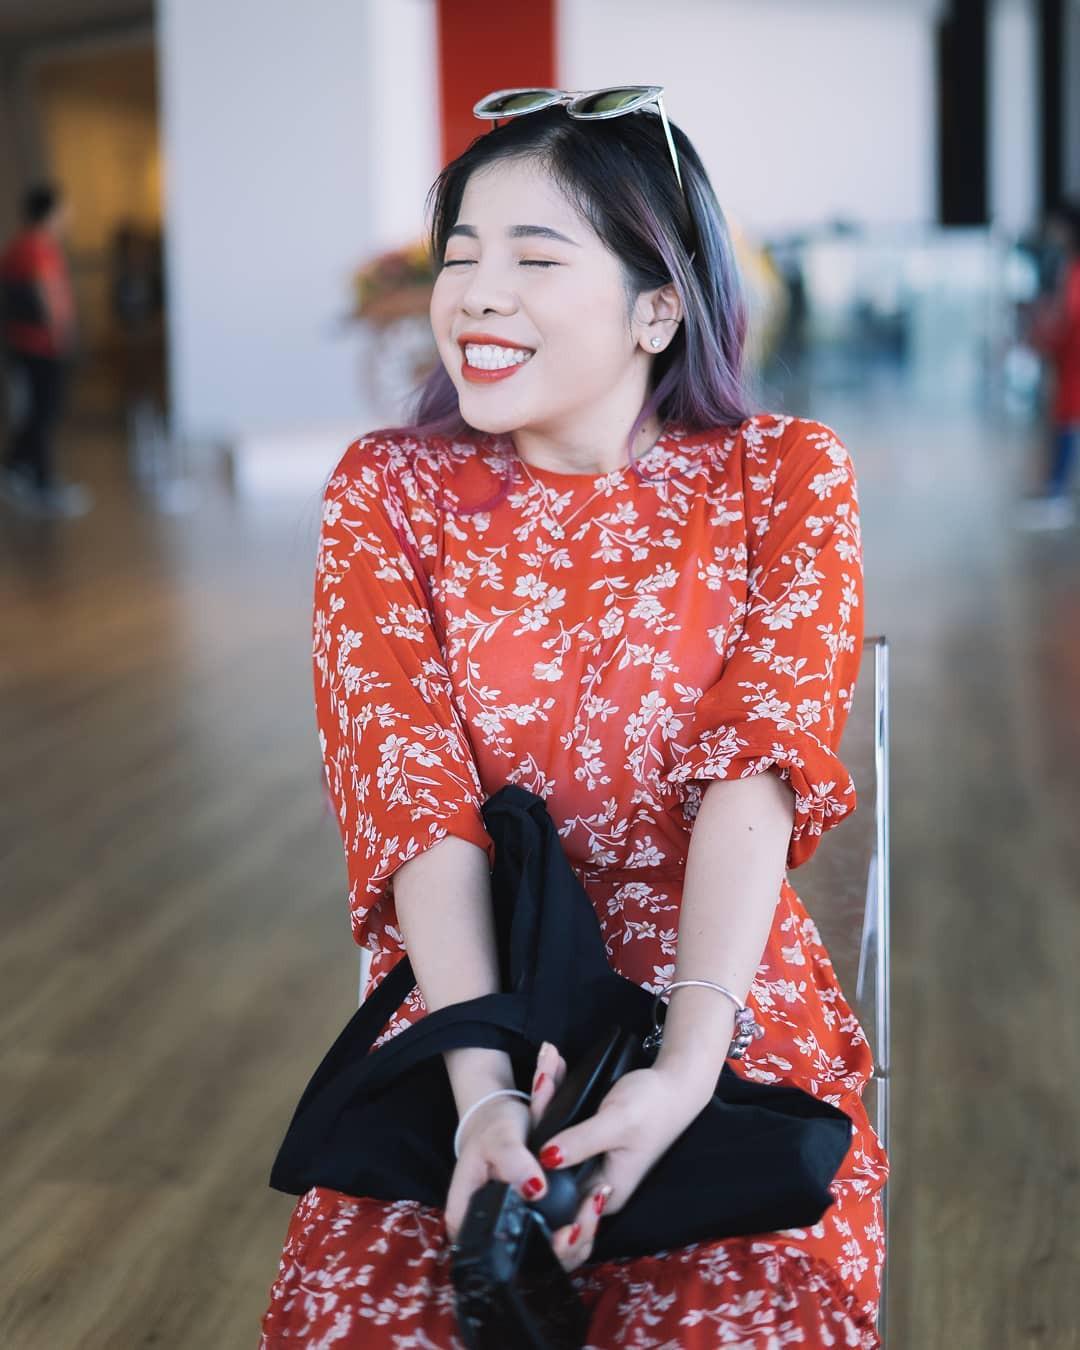 Shop mỹ phẩm liên quan đến Changmakeup bị tố bán hàng fake, nhãn hàng tuyên bố: chúng tôi không hợp tác với shop online nào ở Việt Nam - Ảnh 7.